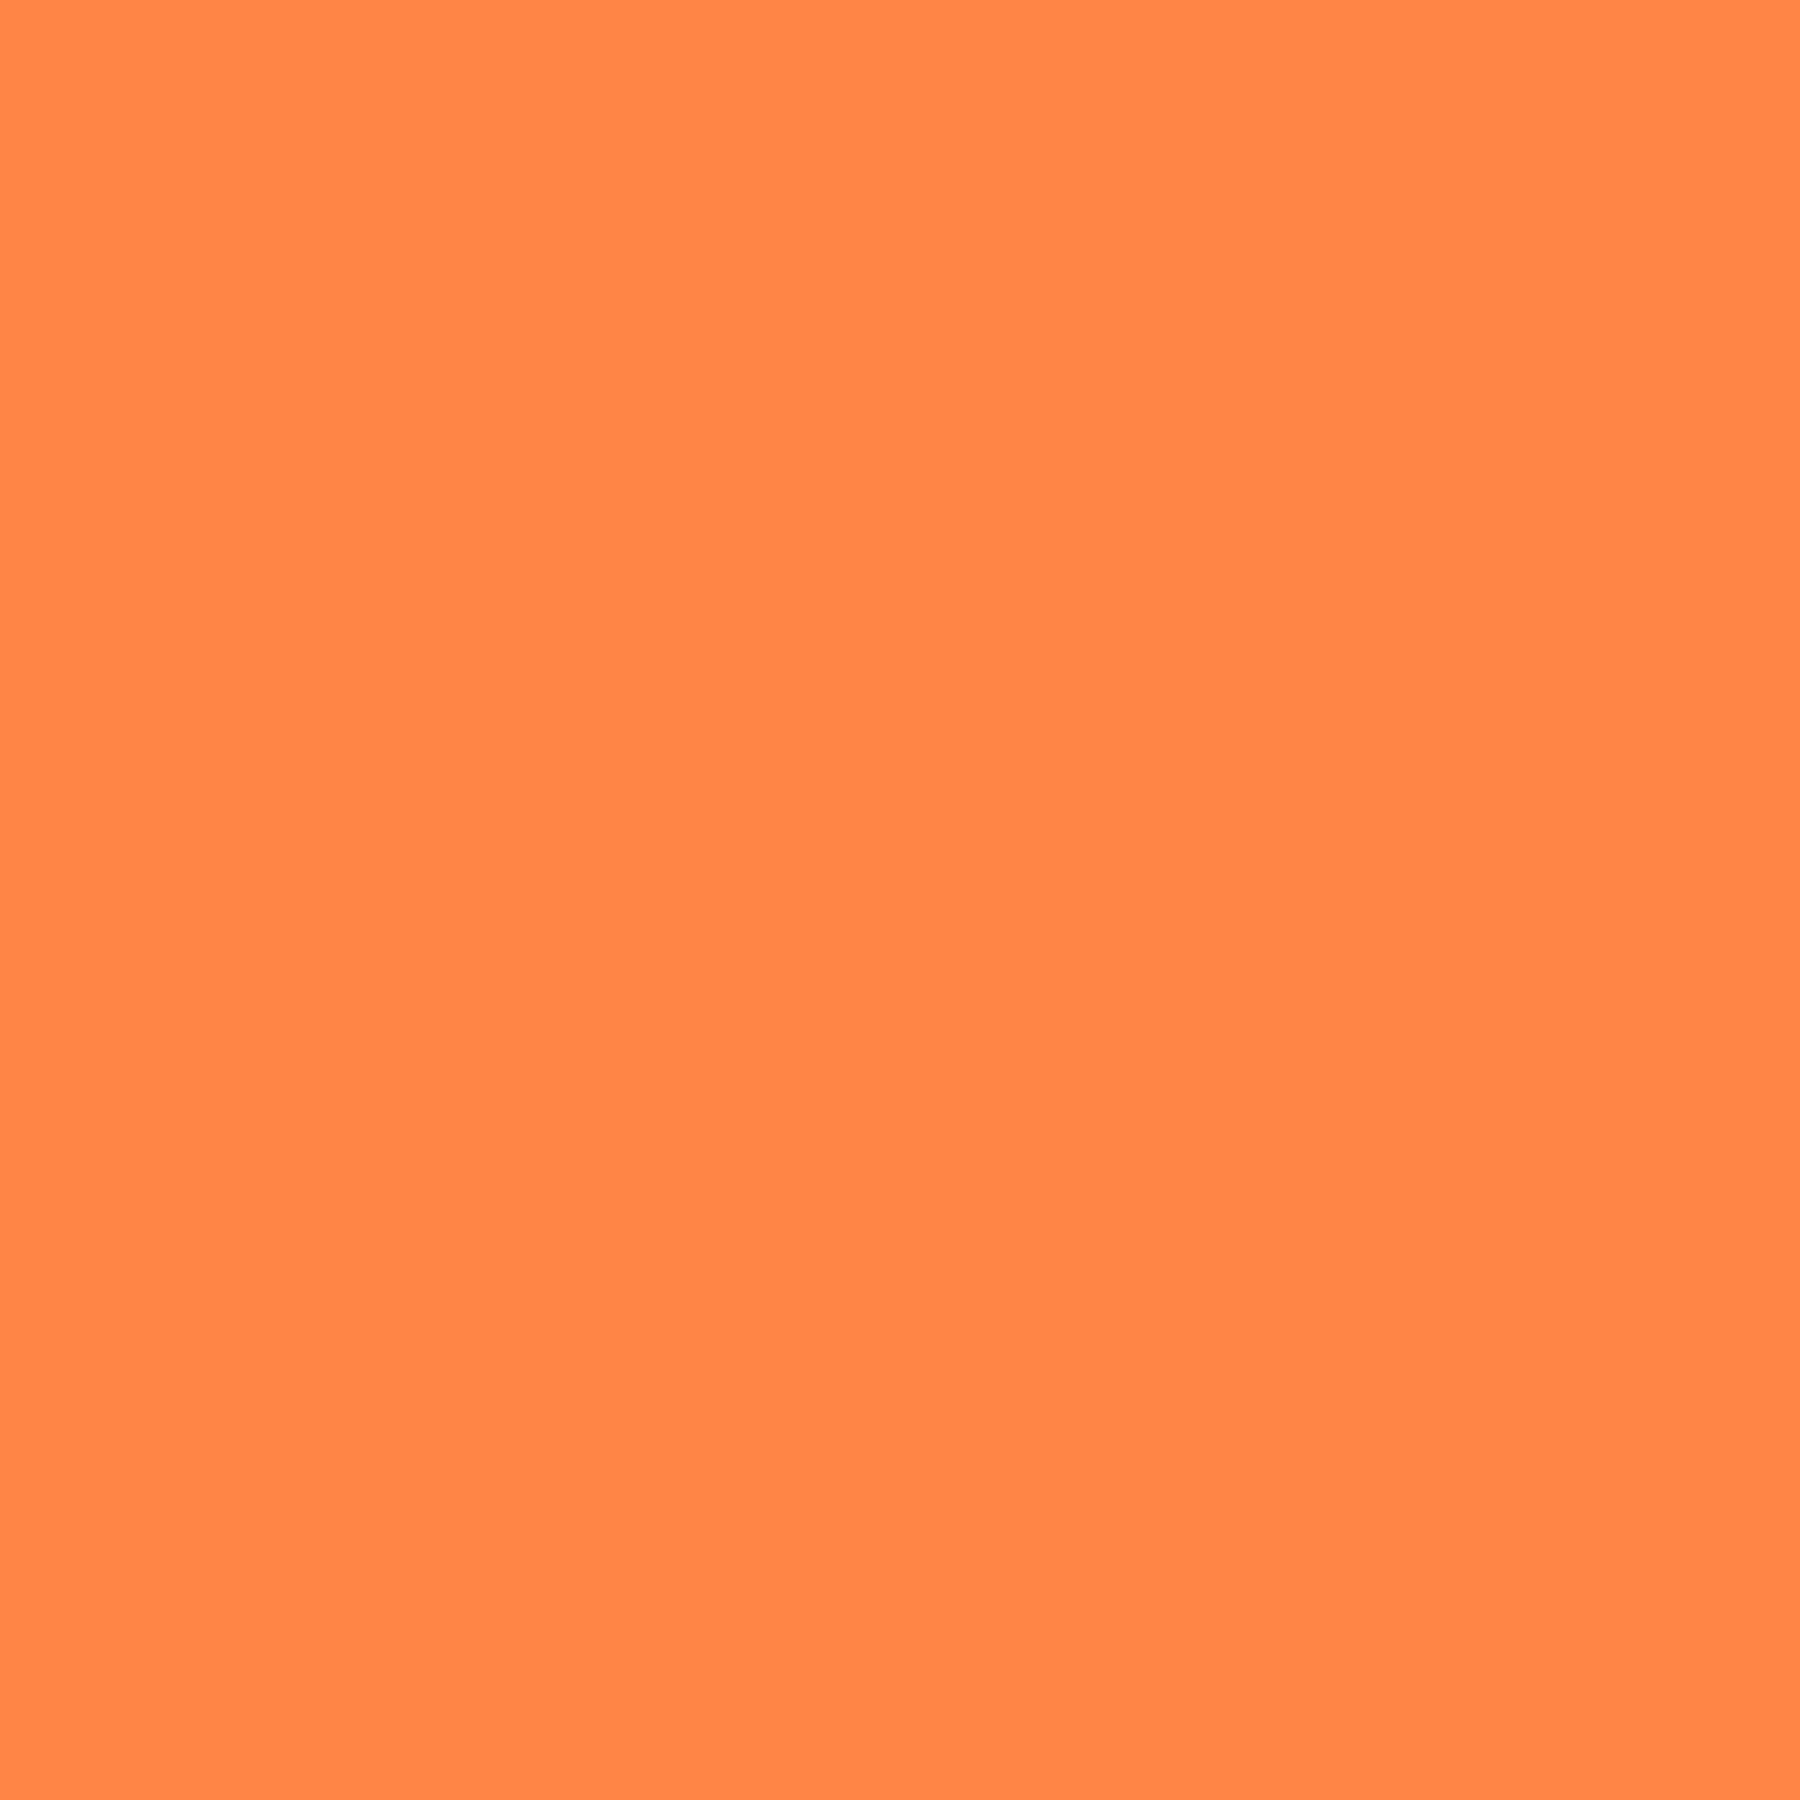 Tangerine new